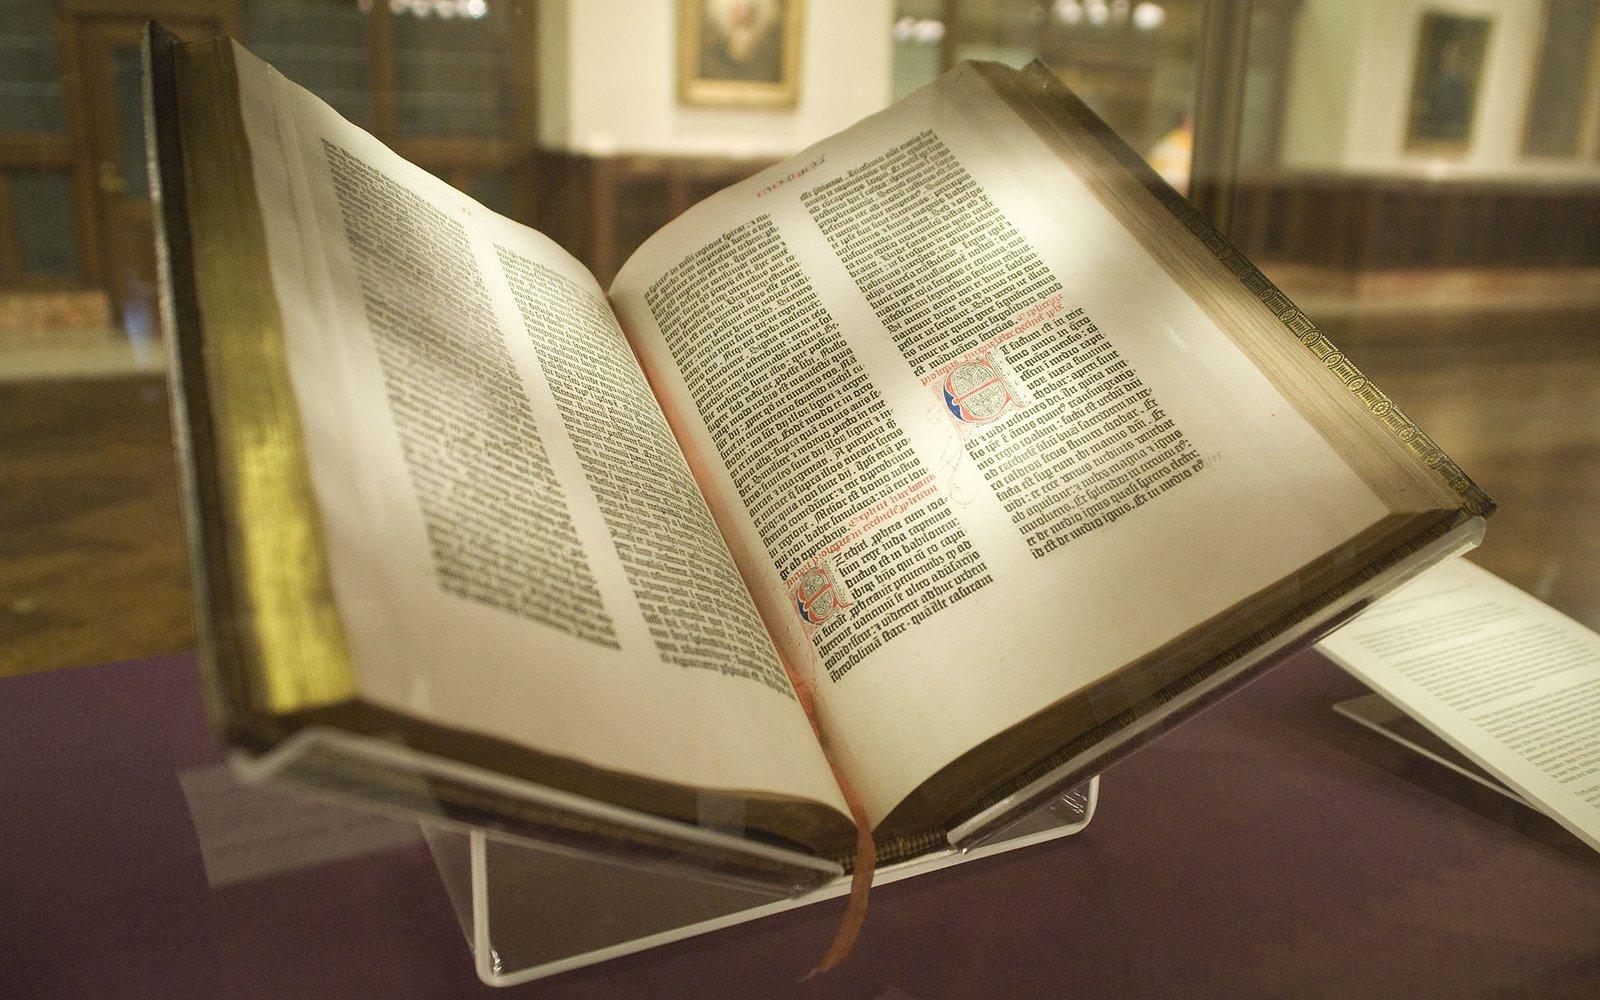 na zdjeciu przedstawiona jest Biblia Gutenberga